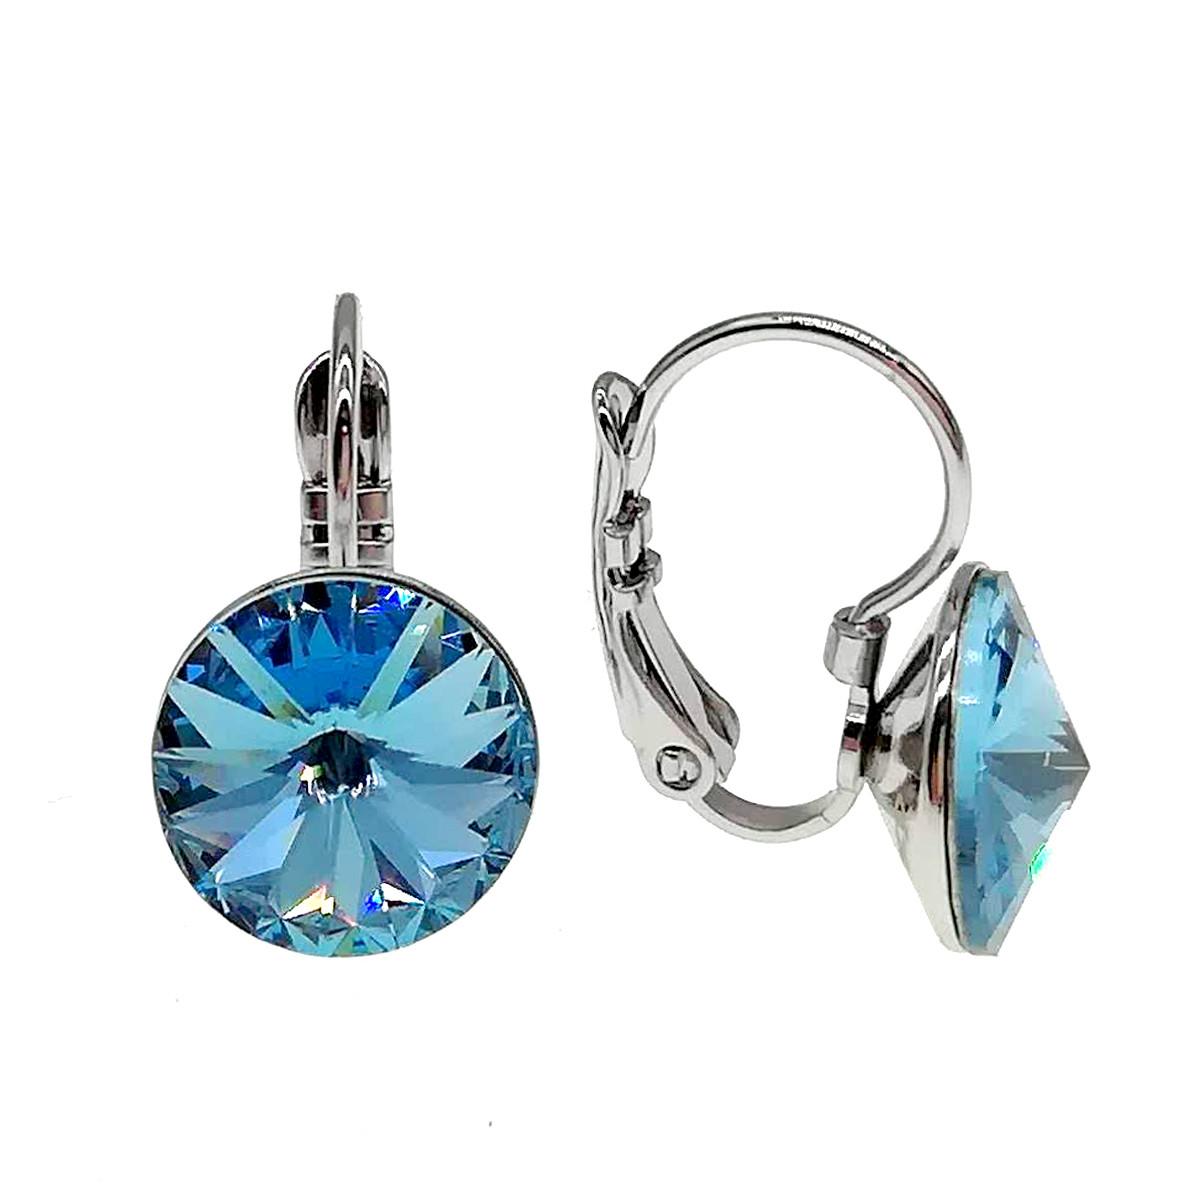 Серьги Xuping из медицинского золота, кристаллы Swarovski небесно-голубого цвета, родий, 24480             (1)